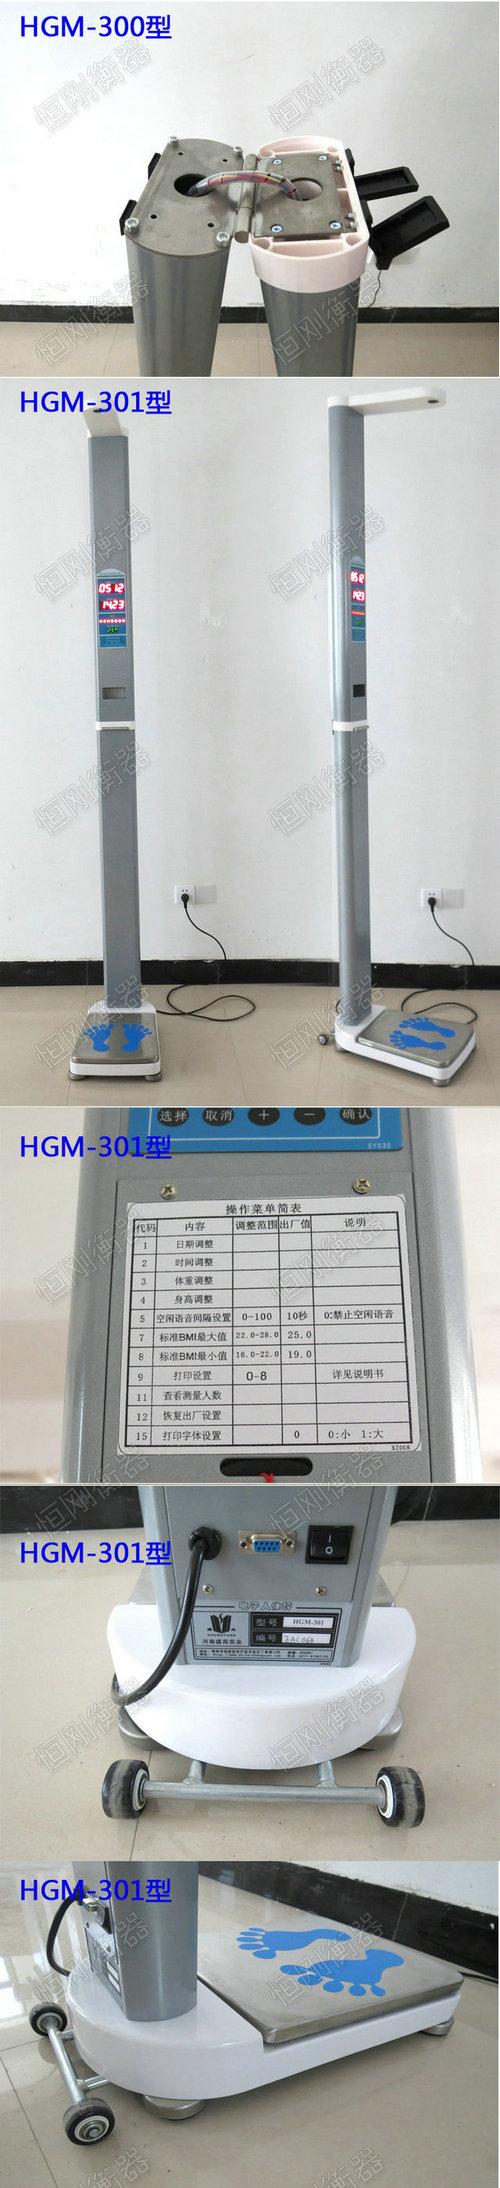 身高体重测量仪图片: